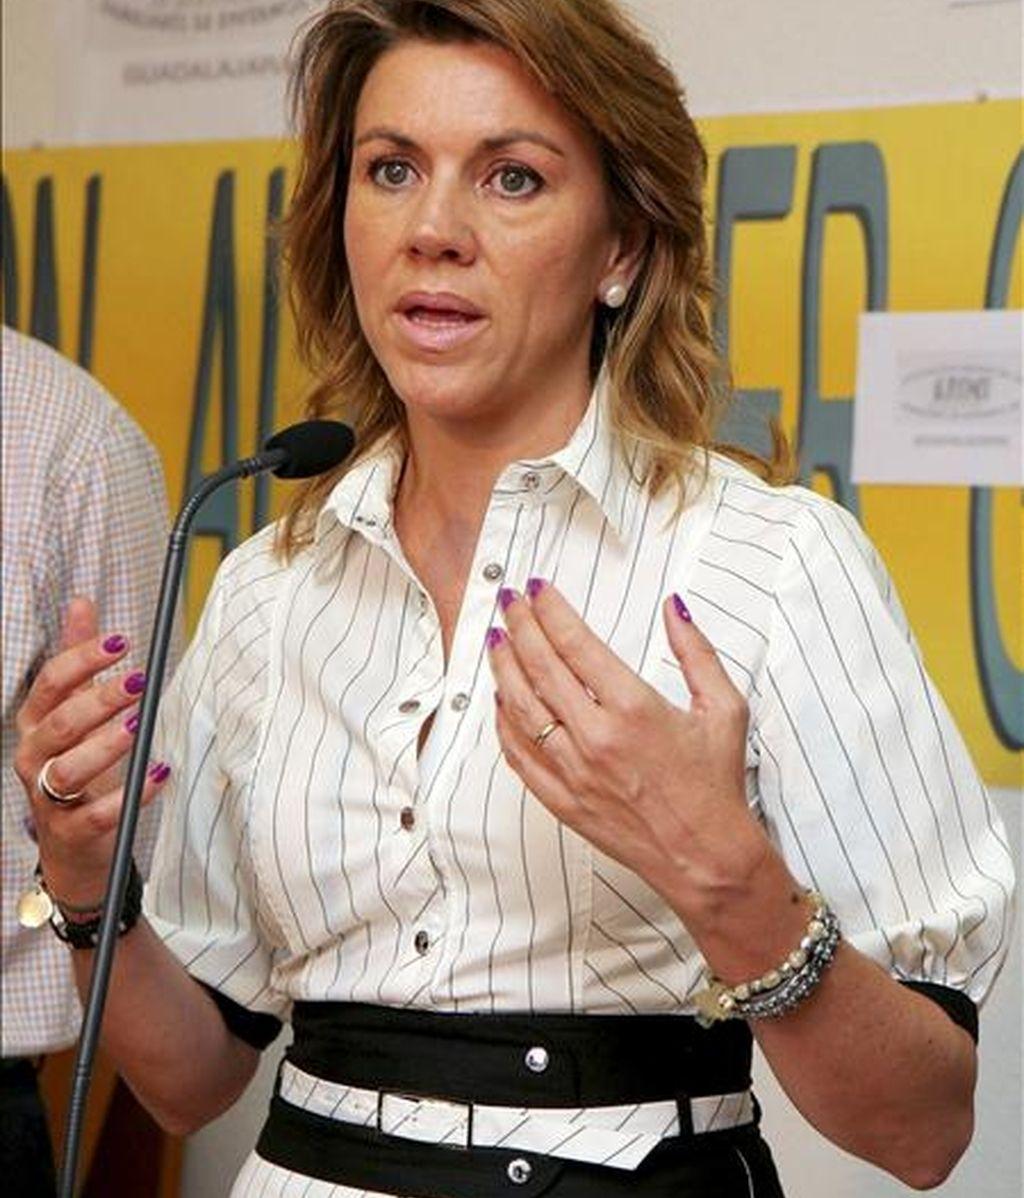 La secretaria general del PP, María Dolores Cospedal. EFE/Archivo